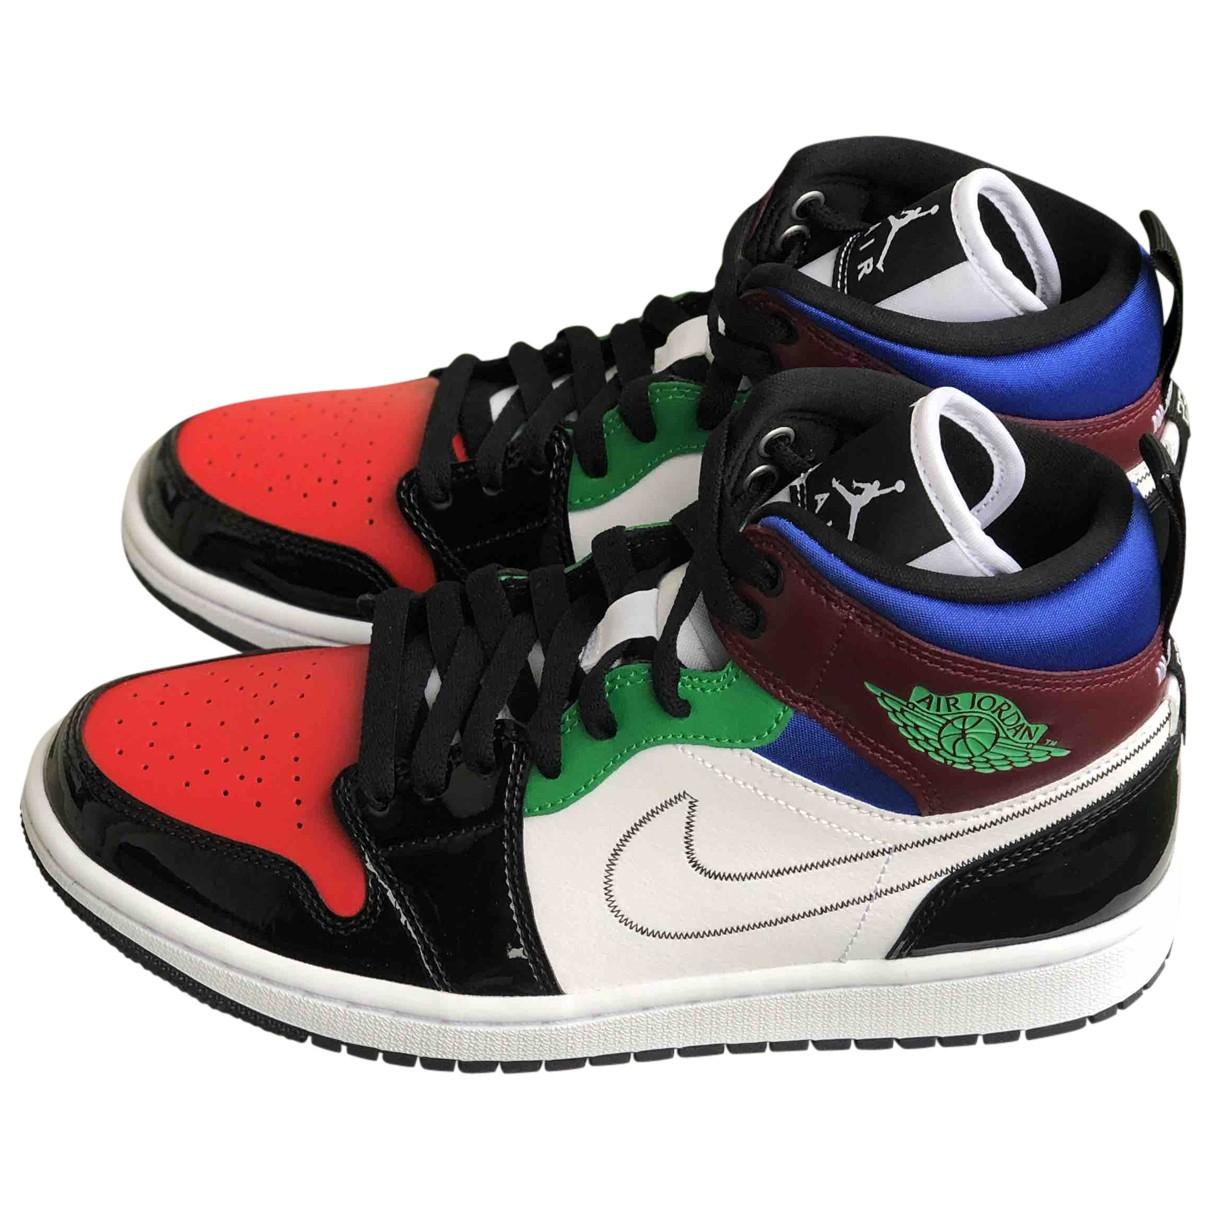 Nike - Baskets   pour femme en caoutchouc - multicolore